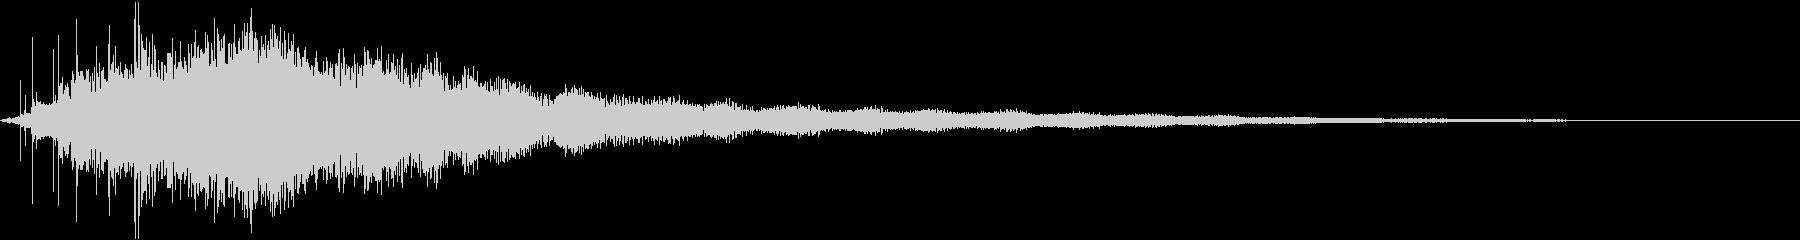 素敵な演出に綺麗なキラキラ音1の未再生の波形